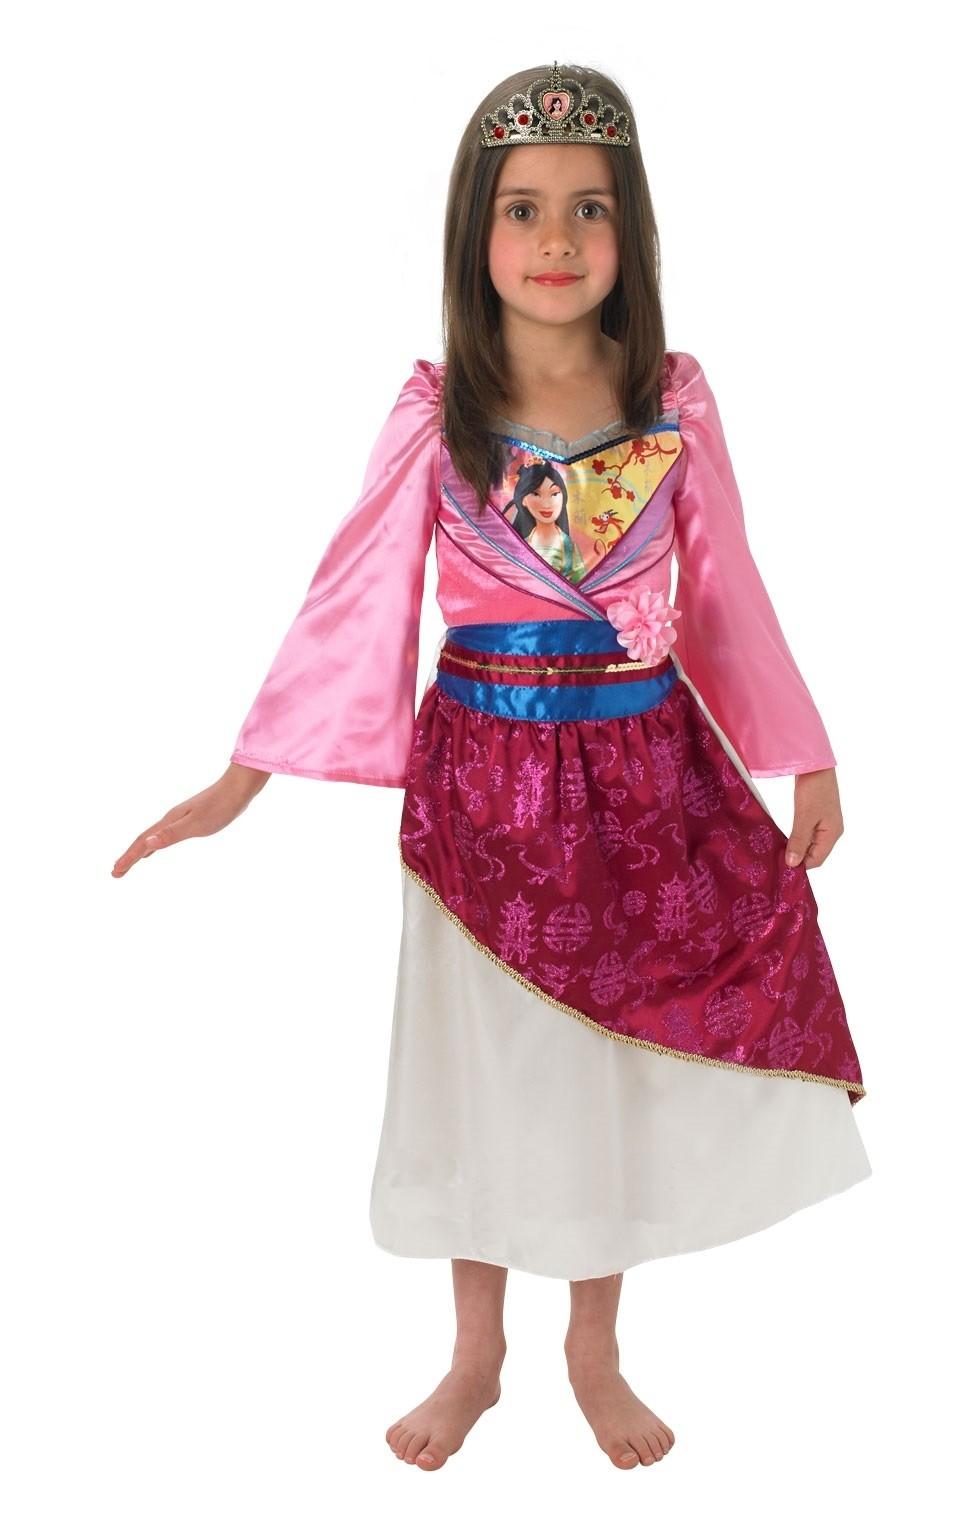 цены на Детский костюм принцессы Мулан (28-30) в интернет-магазинах